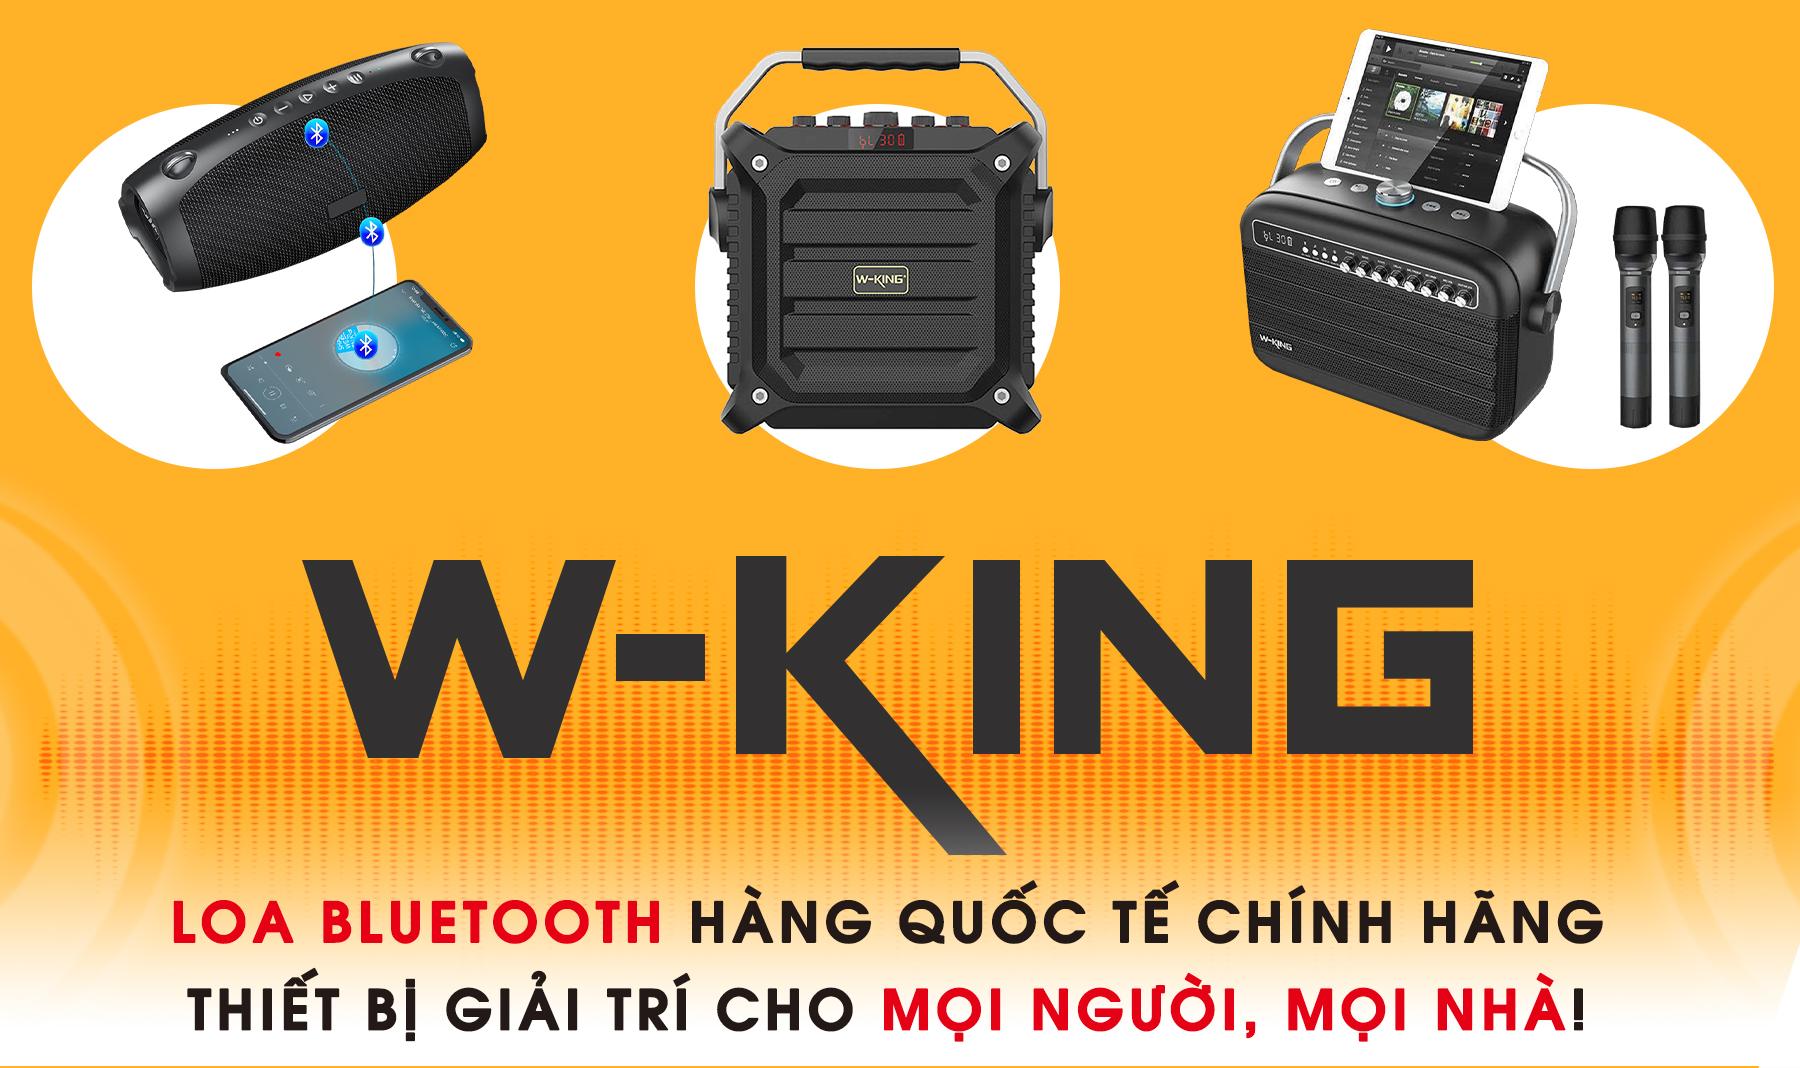 Điện tử Đức Hiếu NPP thương hiệu W-King